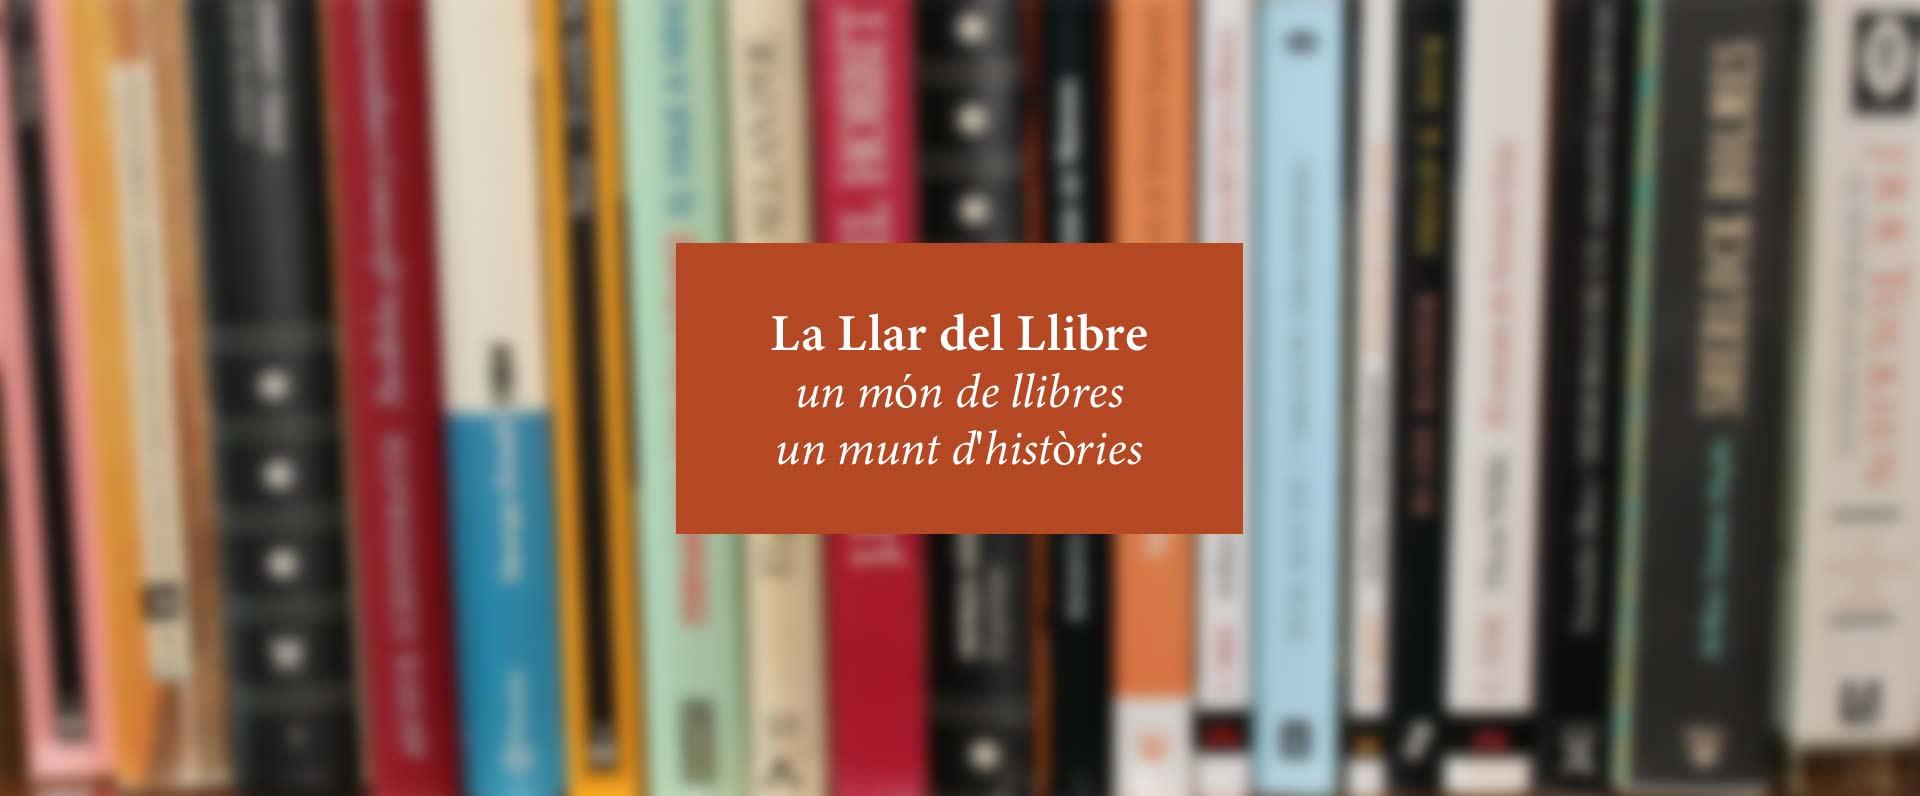 Un món de llibres, un munt d'històries.